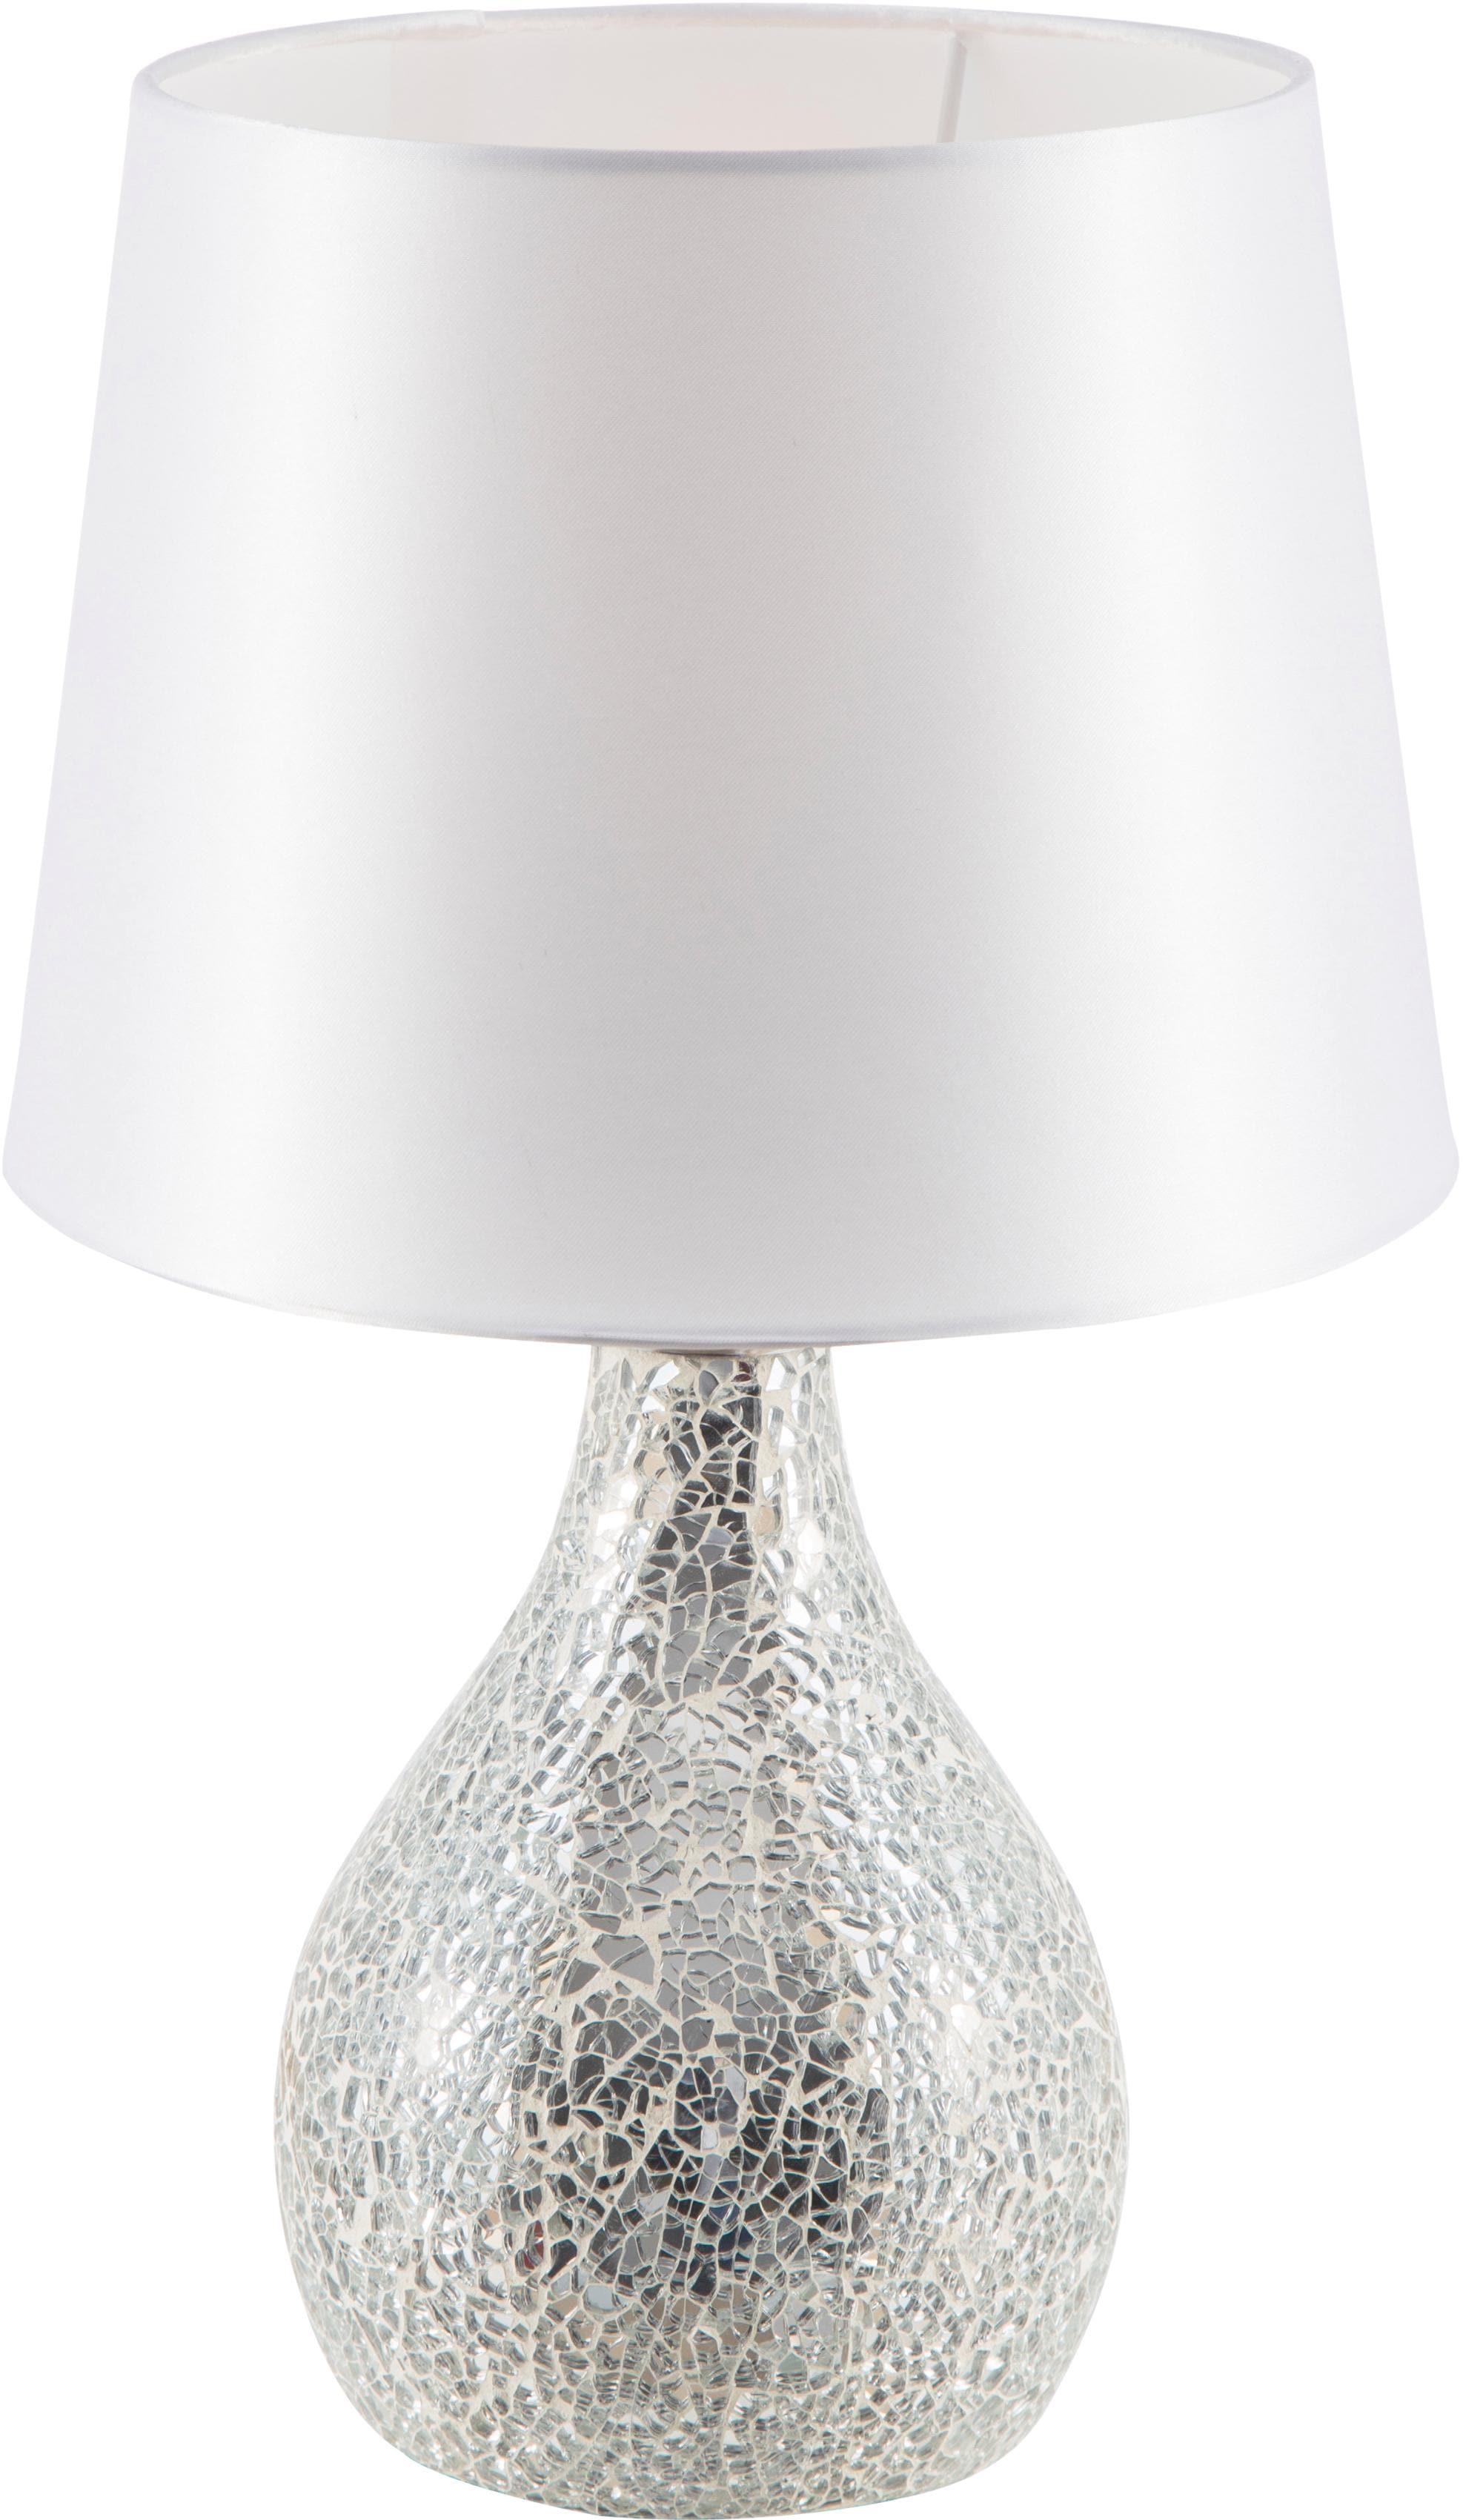 Nino Leuchten Tischleuchte SUSA, E14, Metallsockel in Mosaikoptik, Stoffschirm